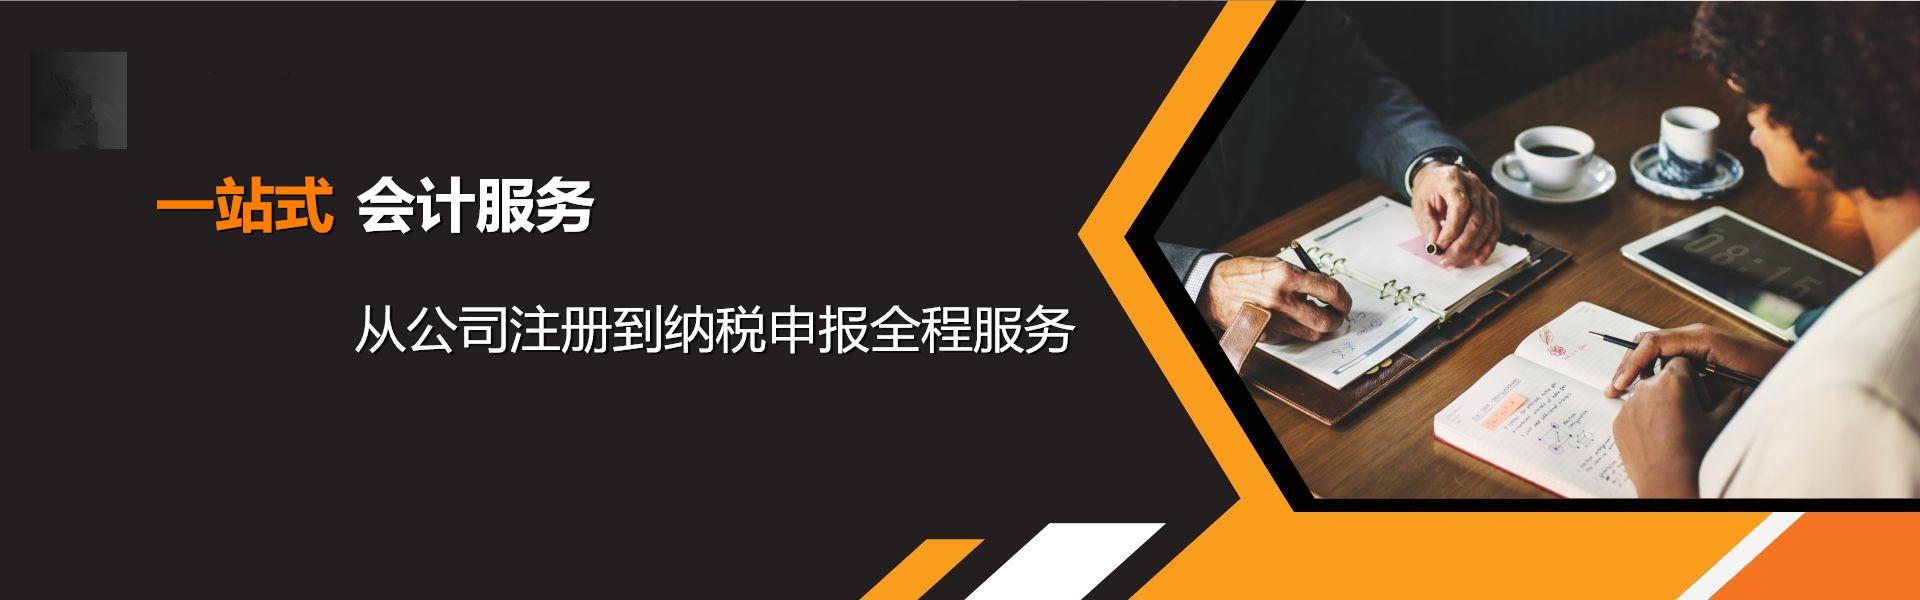 咸阳财税公司